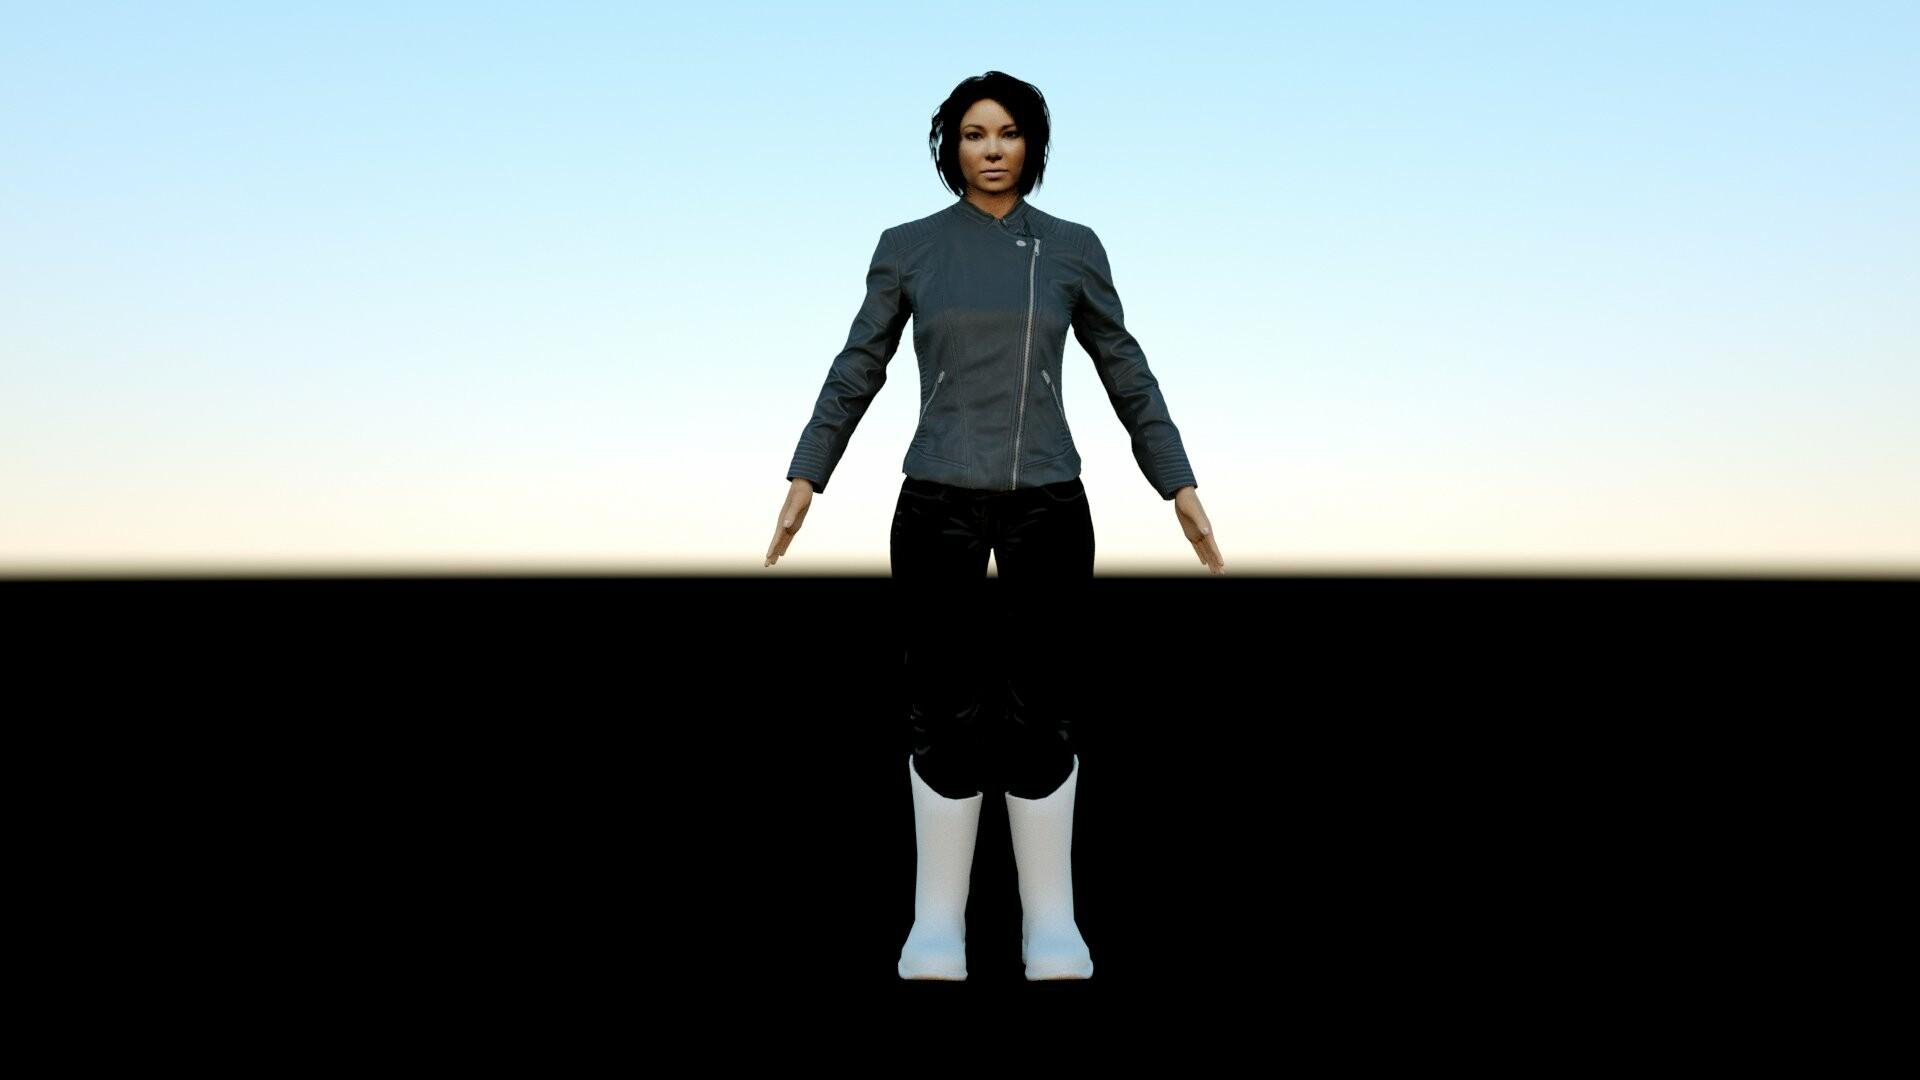 ArtStation - XS (Nora West-Allen) 3D Model by The Blast, 9A Films